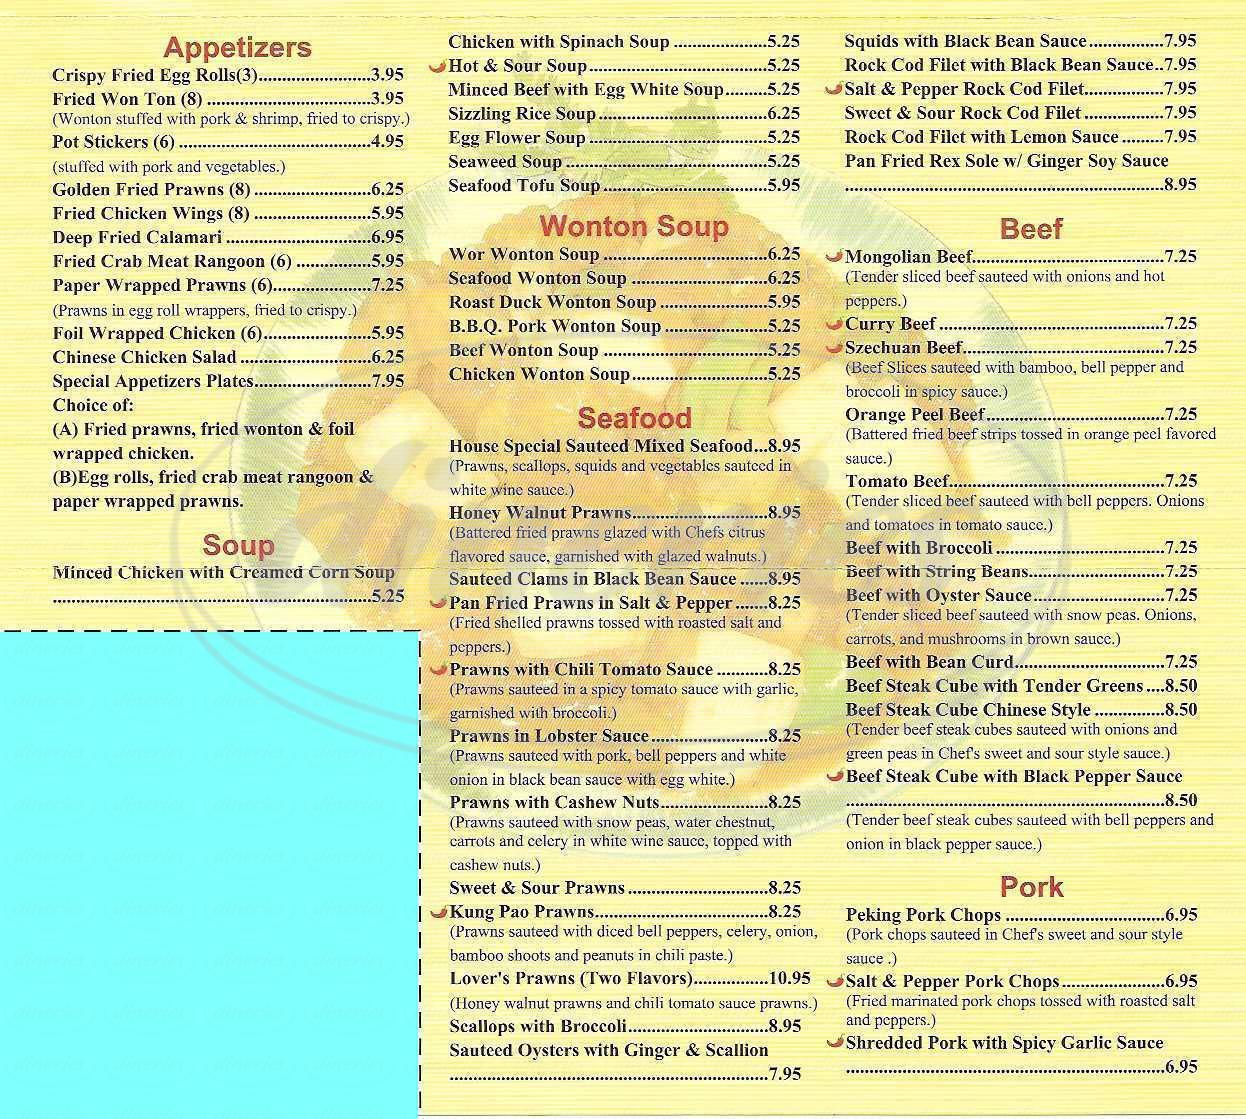 menu for Chef's Wok